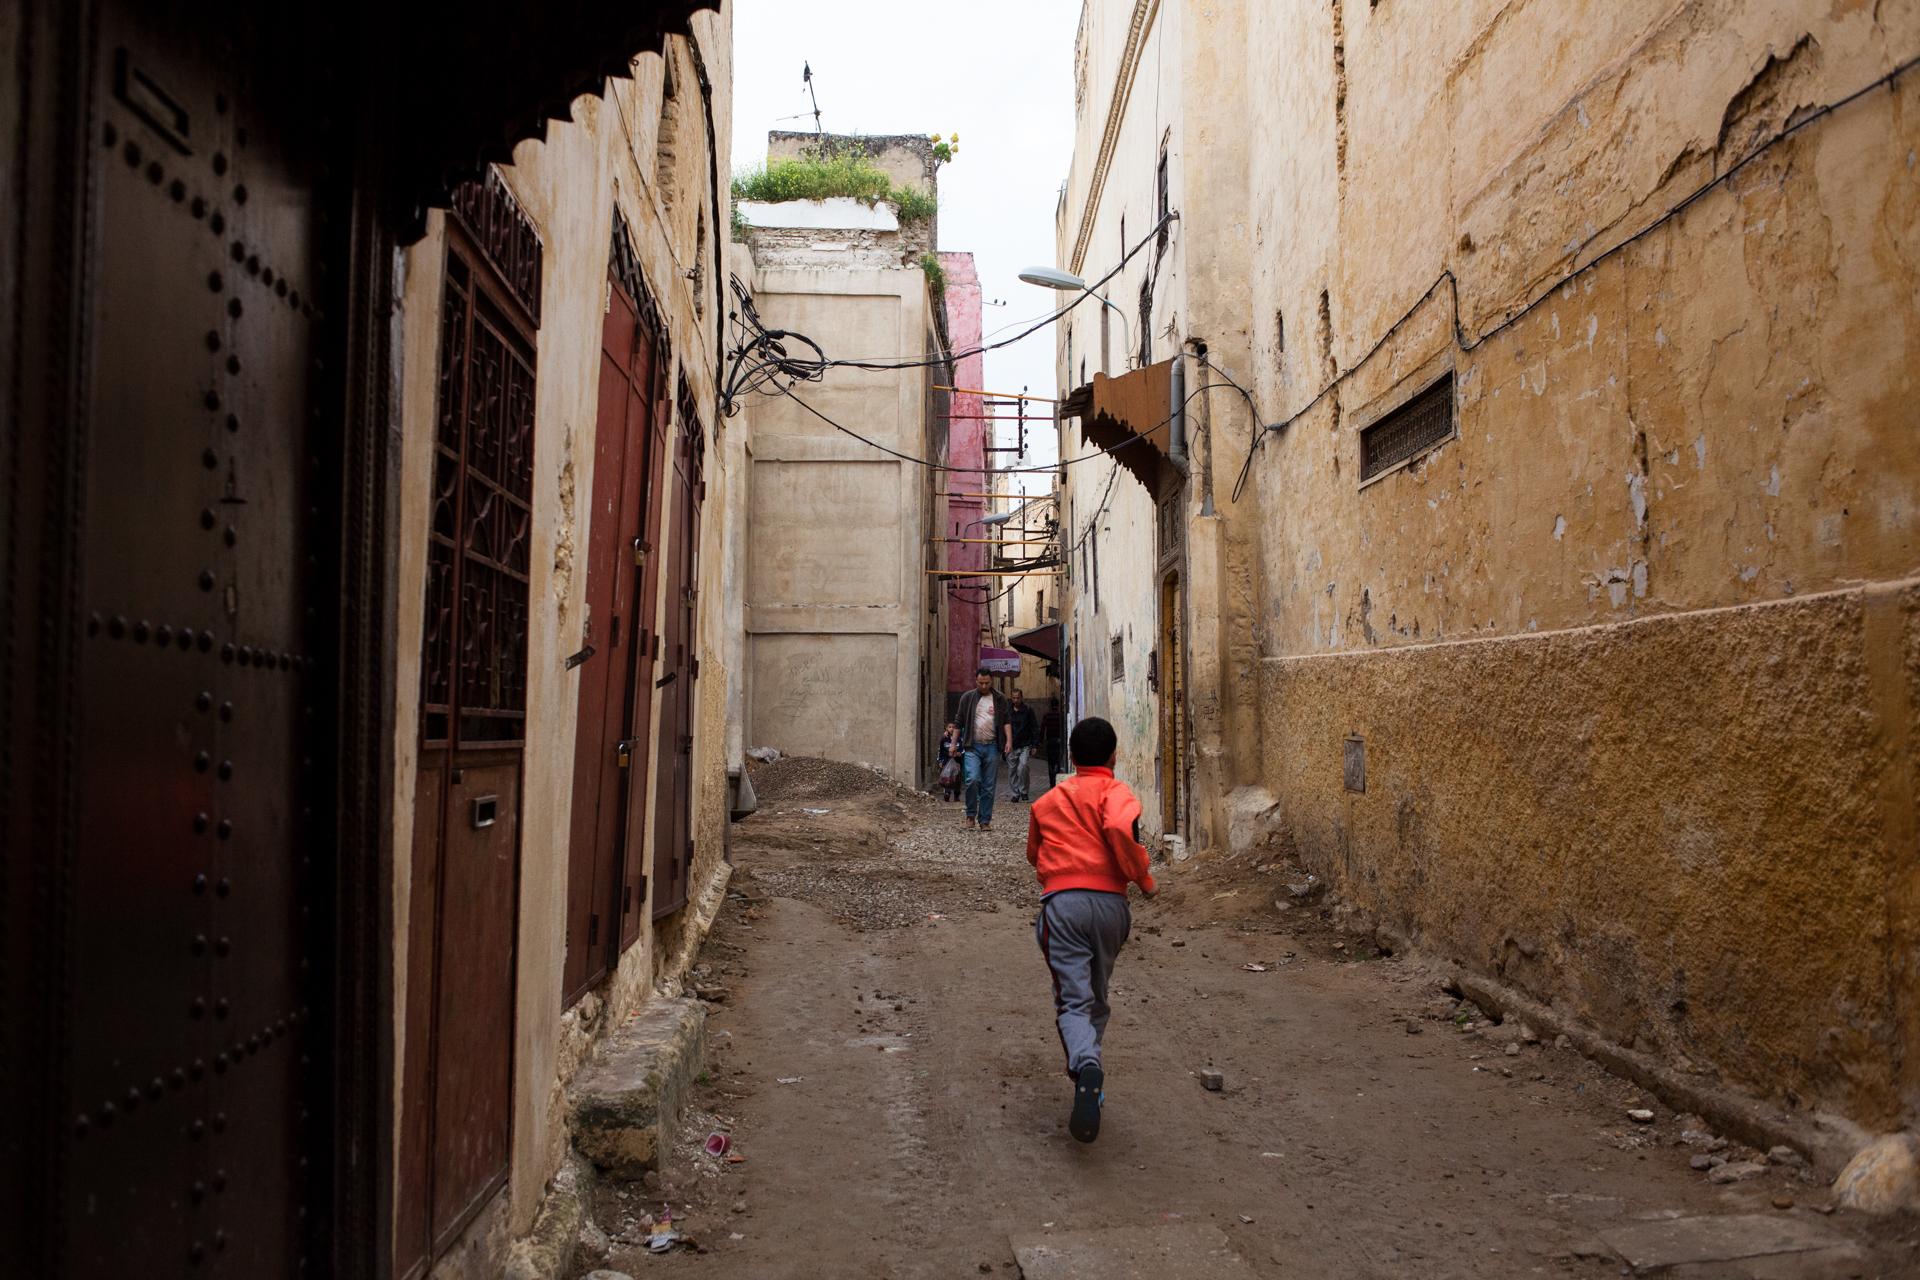 Morocco_Apr15__by_kingmouf-53